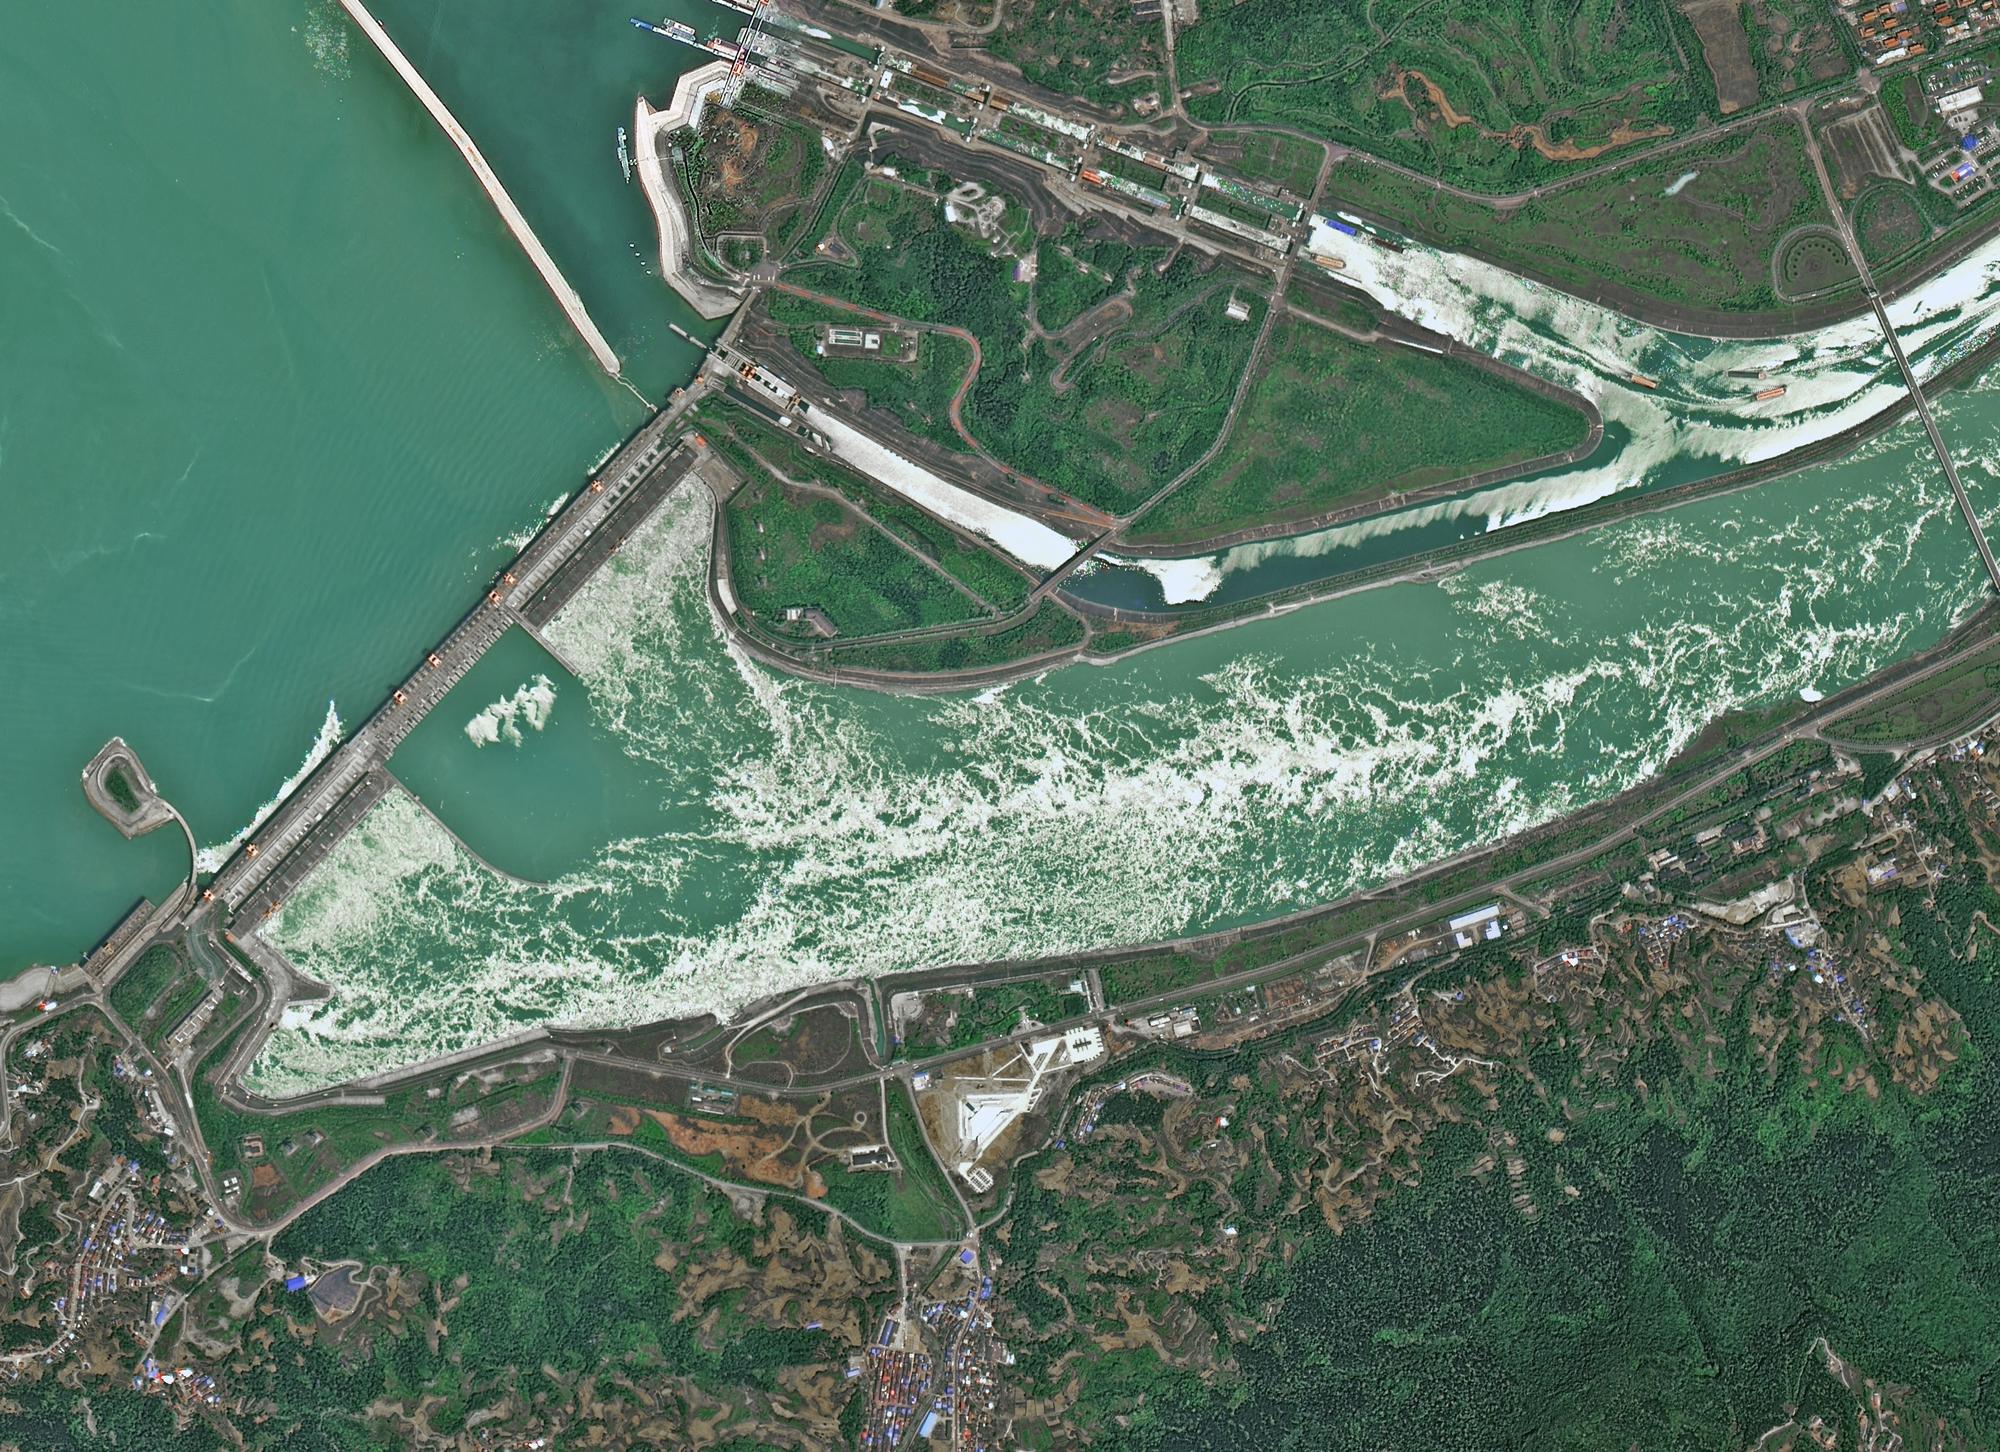 三峡大坝再次躺枪,中国航天霸气回怼,意外曝光我国卫星真实能力